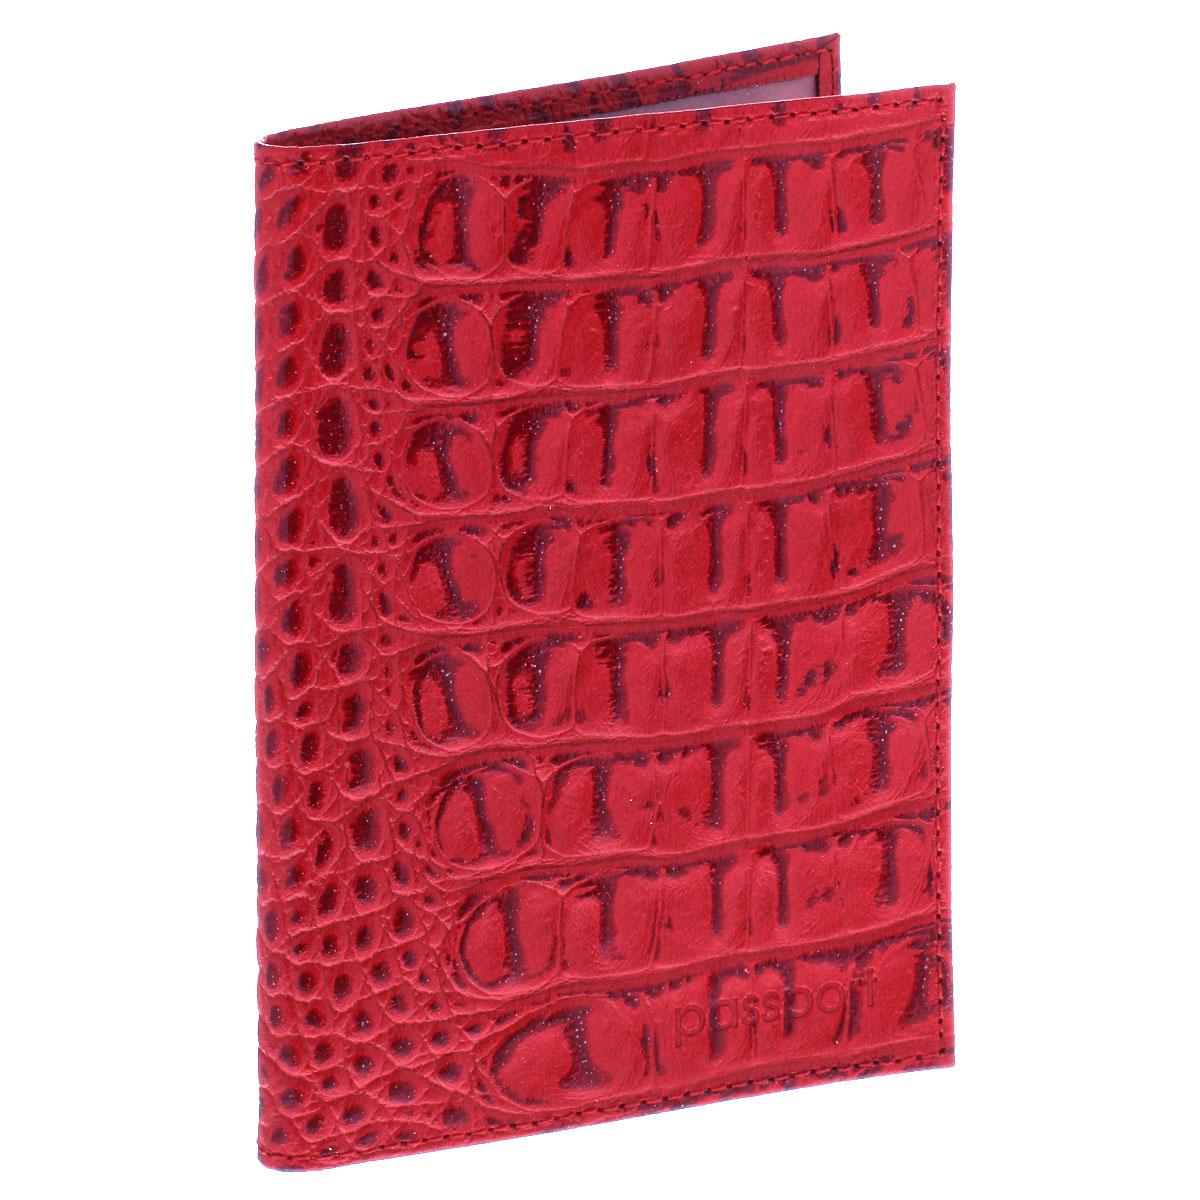 Обложка для паспорта Befler, цвет: красный. O.1.-13BM8434-58AEУльтрамодная обложка для паспорта Befler изготовлена из натуральной кожи и оформлена тиснением под рептилию. Изделие с обеих сторон дополнено тиснеными надписями. Внутри - два прозрачных боковых кармана из мягкого пластика, которые обеспечат надежную фиксацию вашего документа. Изделие упаковано в фирменную коробку.Модная обложка для паспорта не только поможет сохранить внешний вид вашего документа и защитить его от повреждений, но и станет стильным аксессуаром, который эффектно дополнит ваш образ.